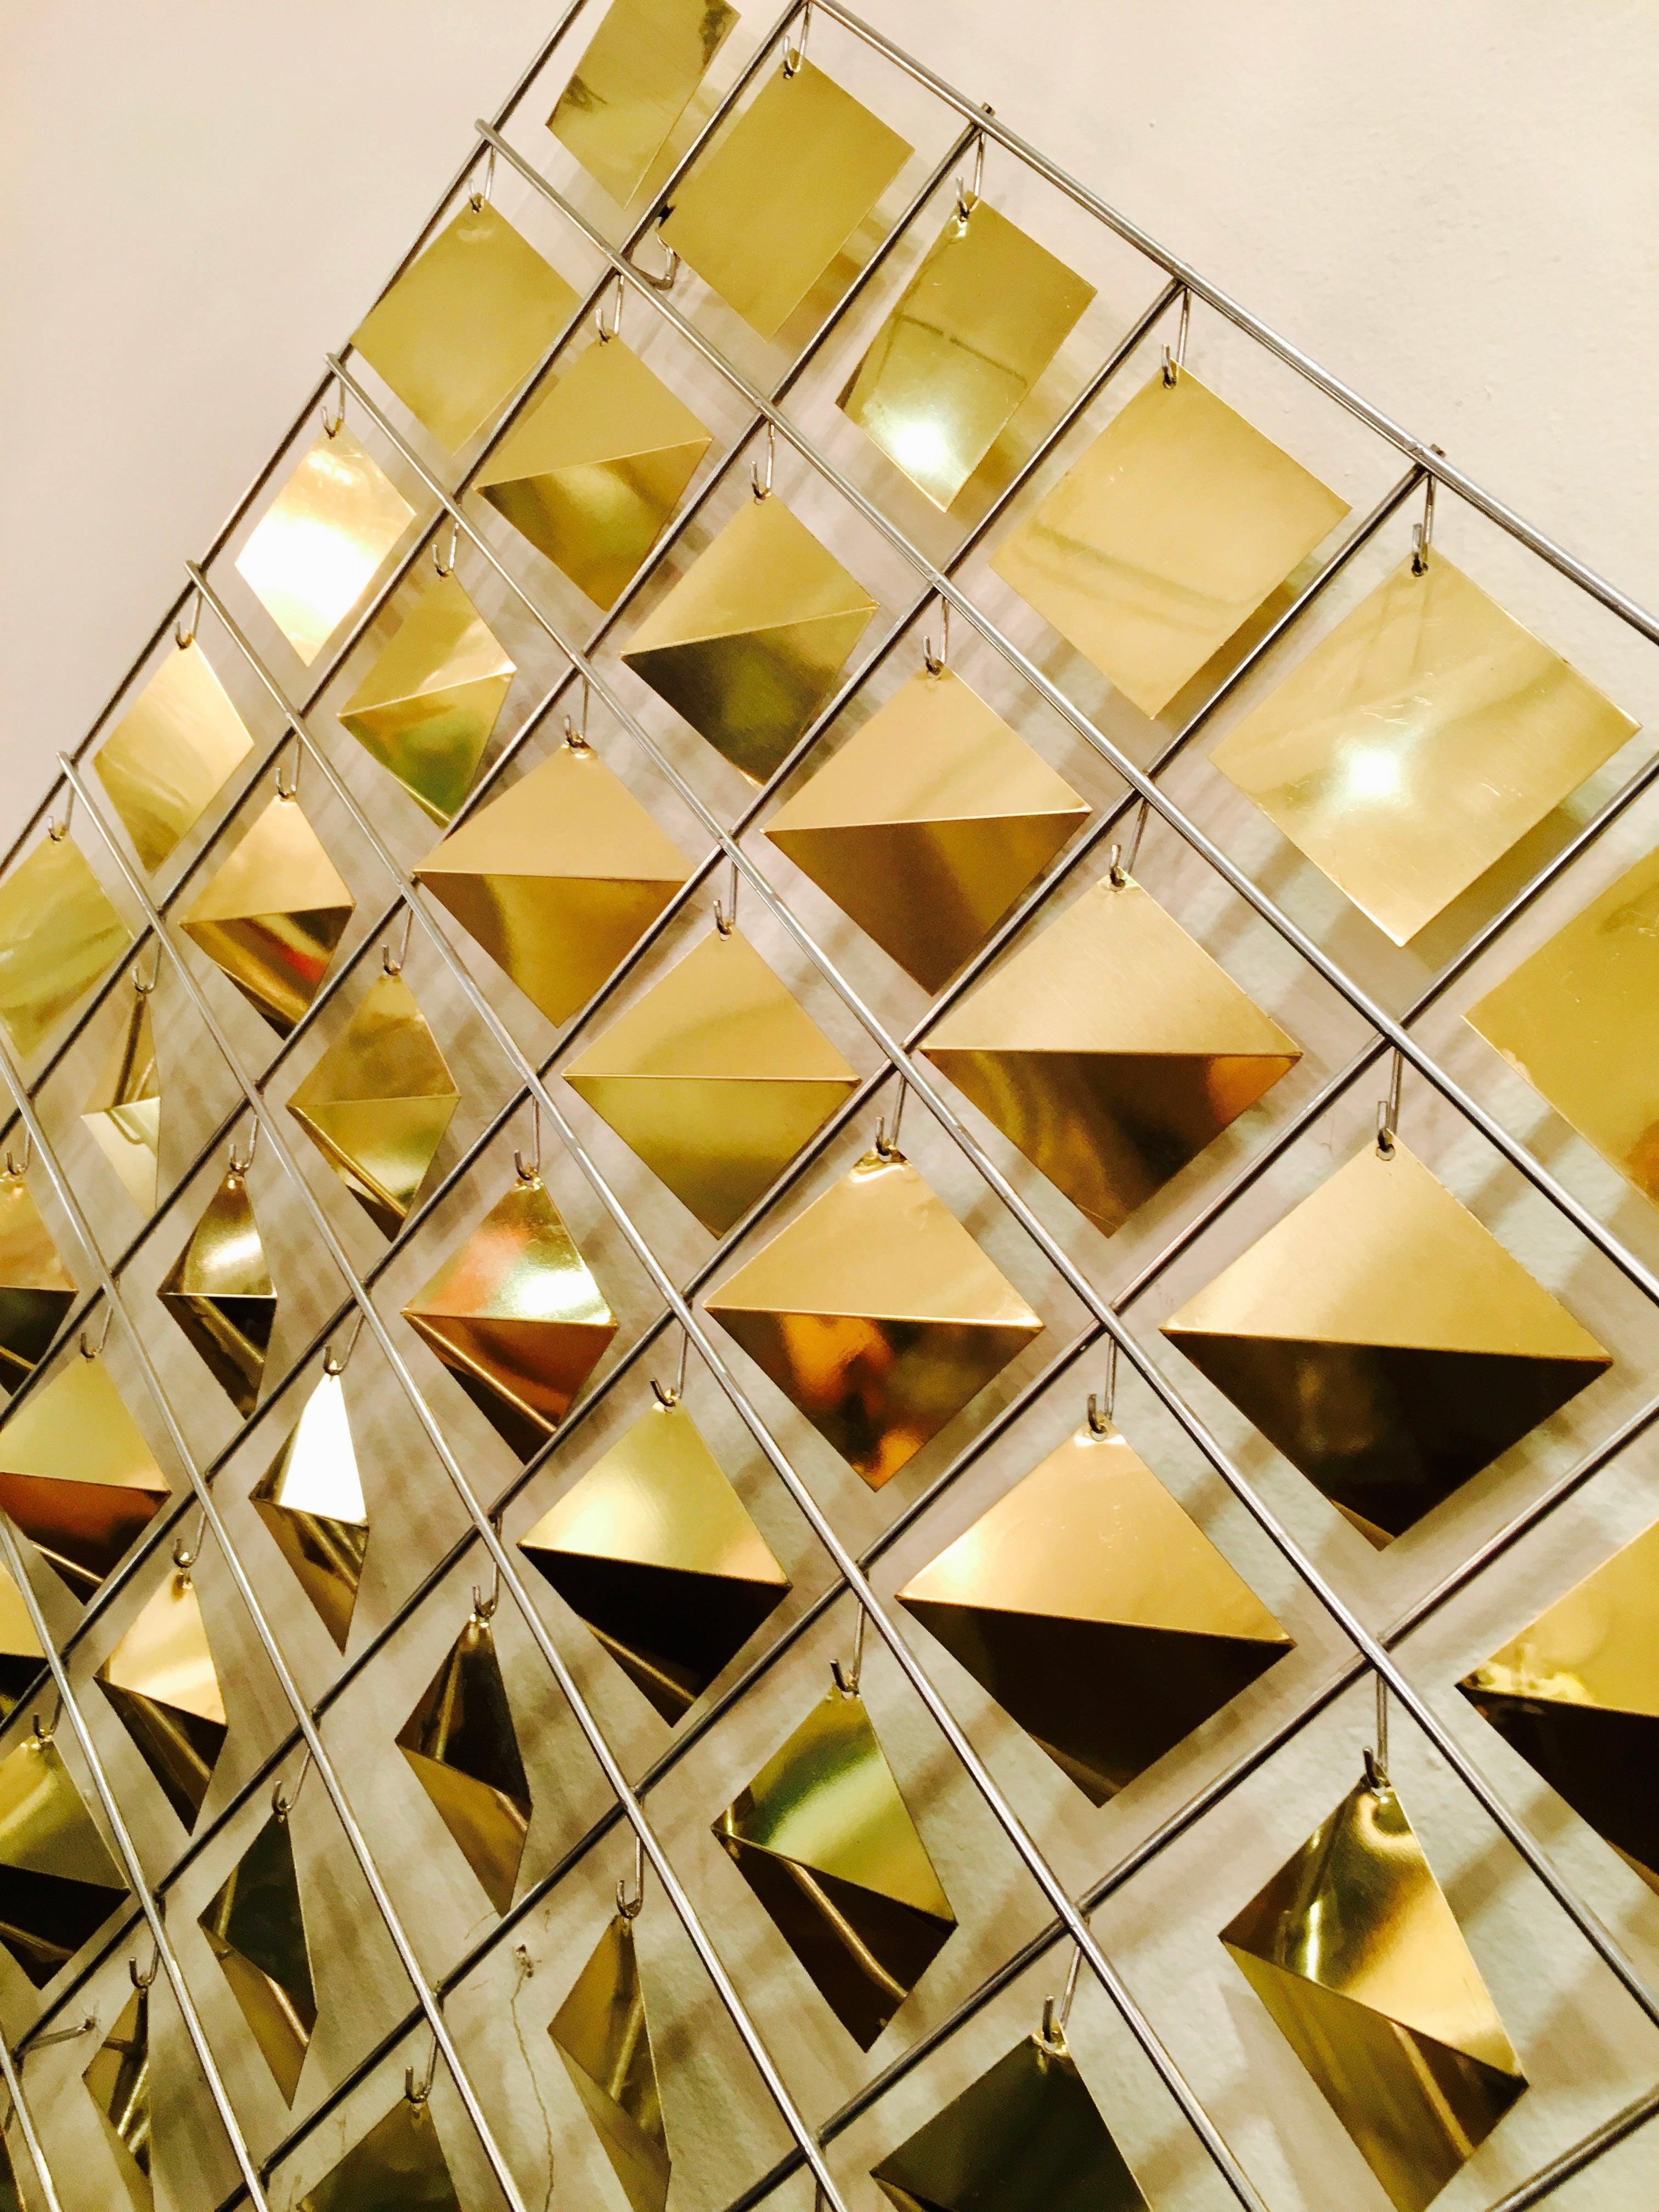 Enchanting Optical Illusion Wall Art Photo - The Wall Art ...